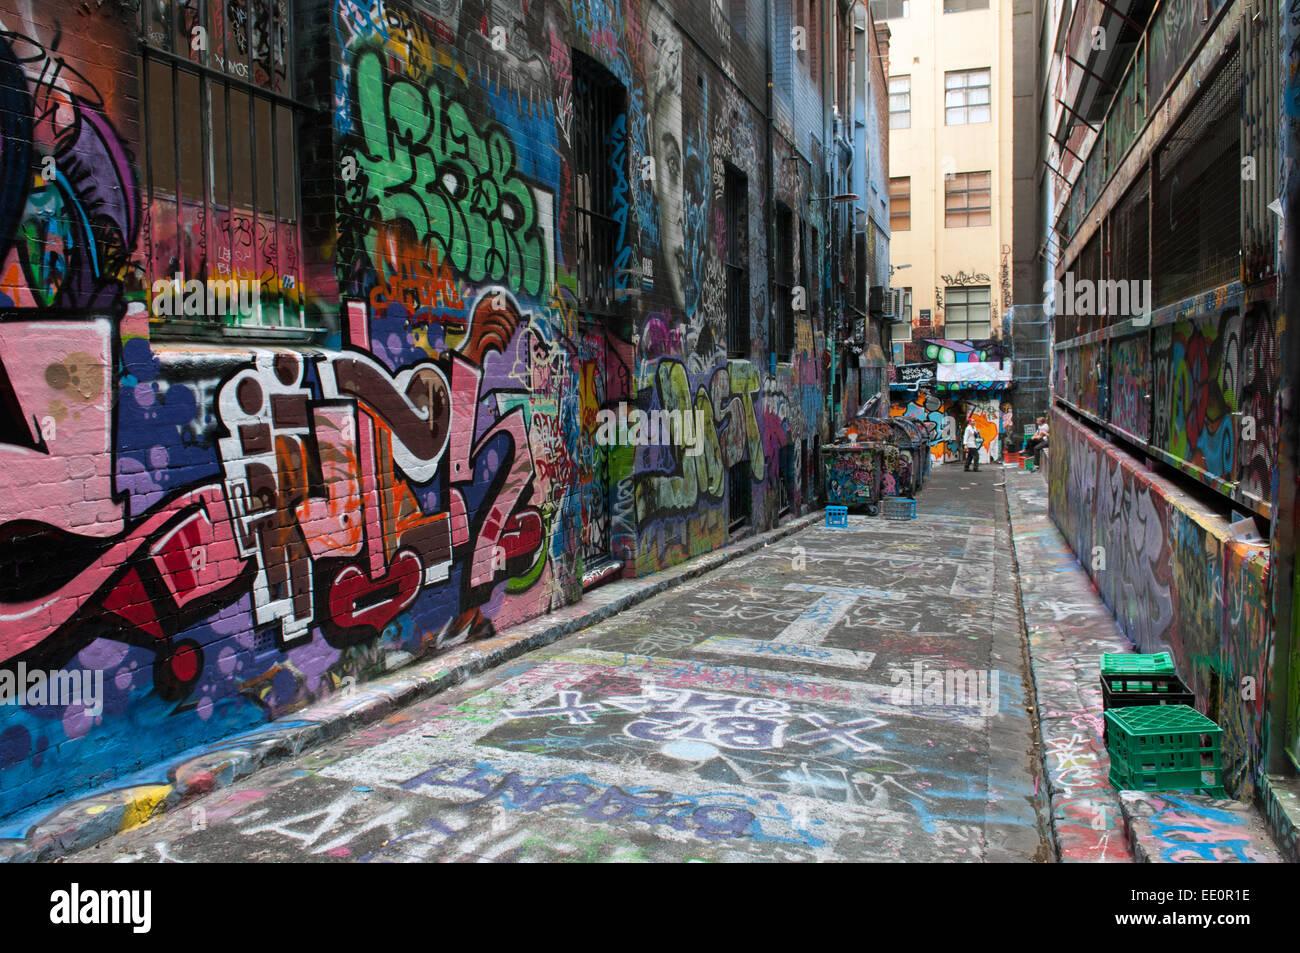 Hosier Lane, einer Fußgängerzone, wo Graffiti-Künstler an Wänden Melbourne Australien malen Stockbild